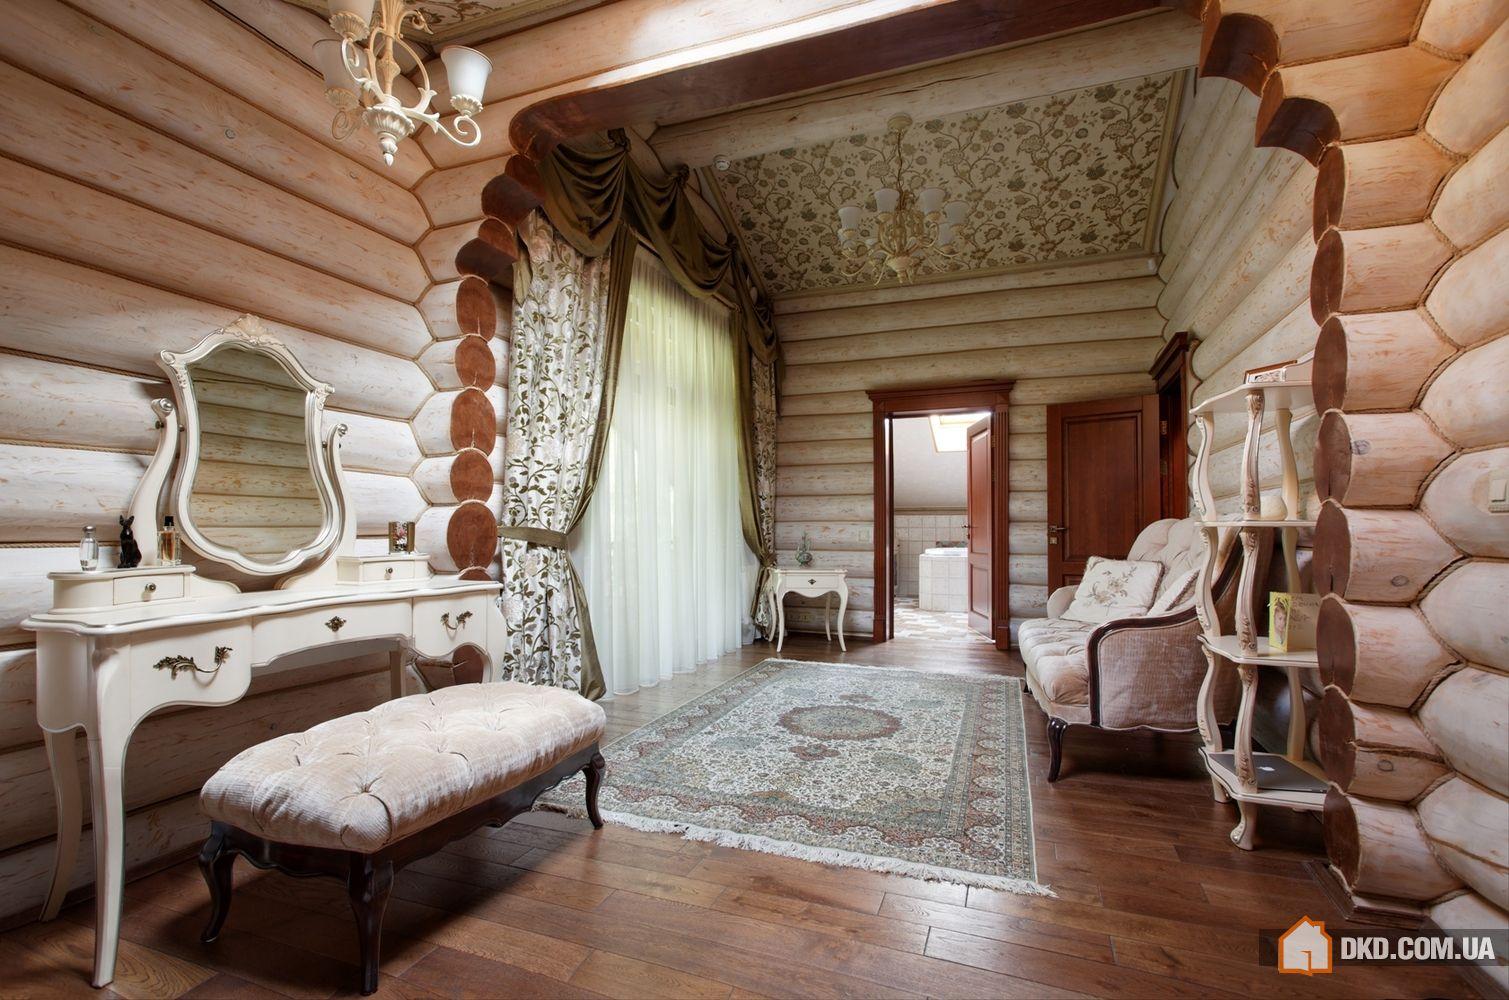 Интерьеры домов из оцилиндрованного бревна